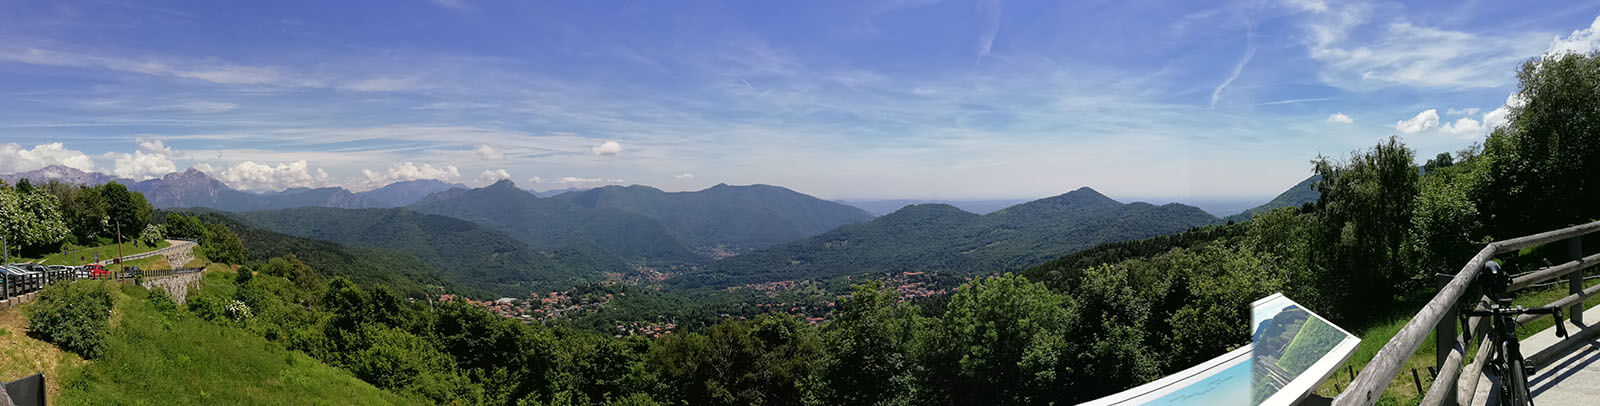 Uitzicht vanaf Colma di Sormano